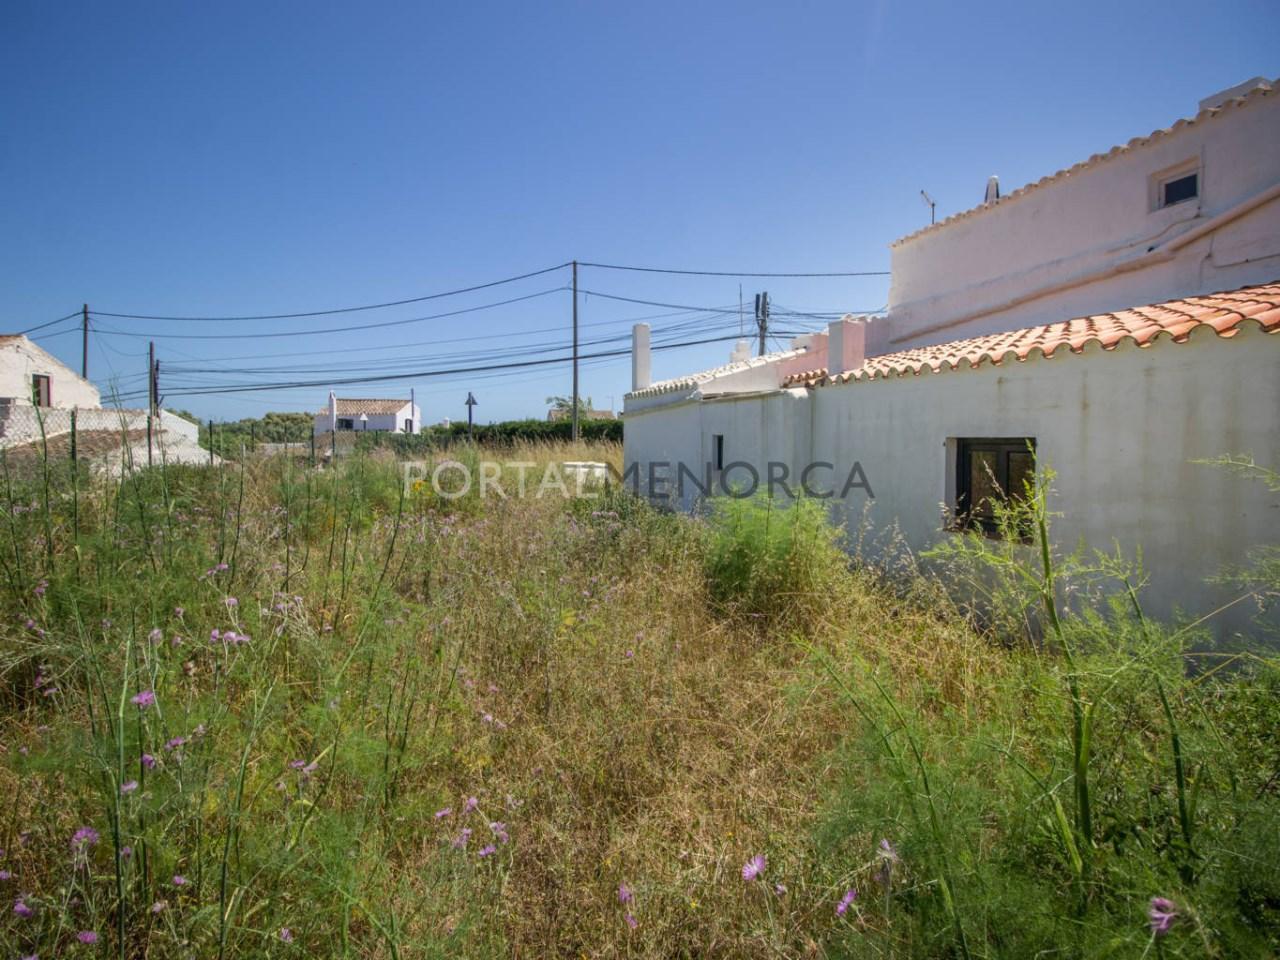 Re_ 1 casa en caserío s'uestra - fachada y jardín (4)